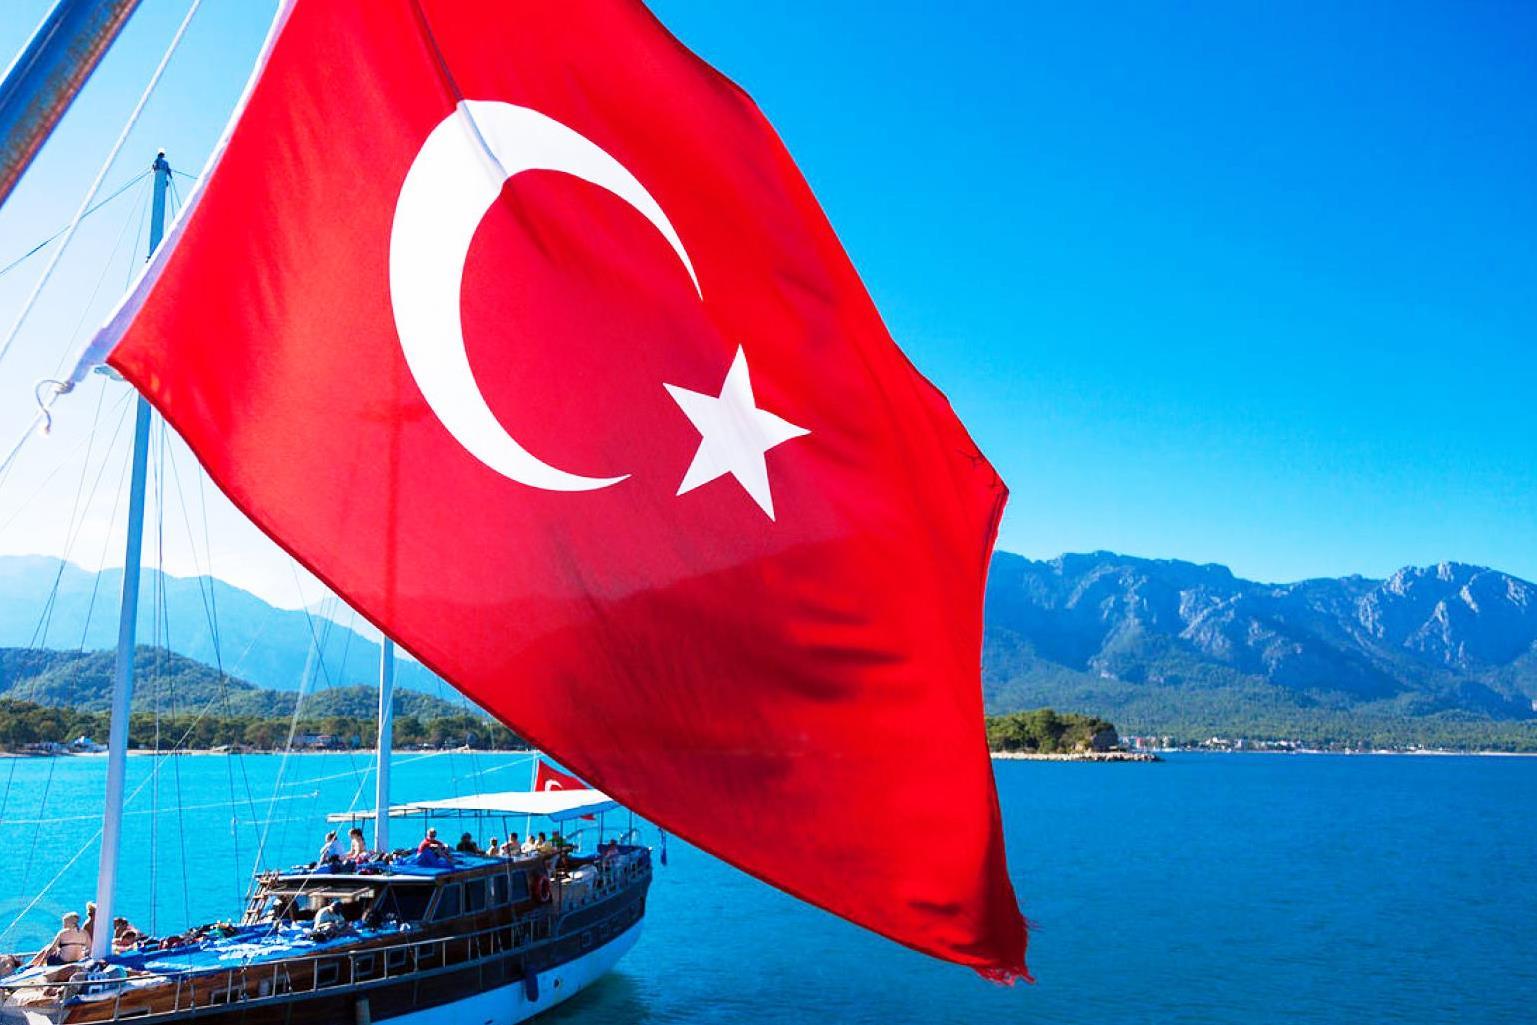 О привлекательности Казахстана для турецких бизнесменов рассказал Даурен Абаев, Инвестиции, Туреция, бизнес, Даурен Абаев